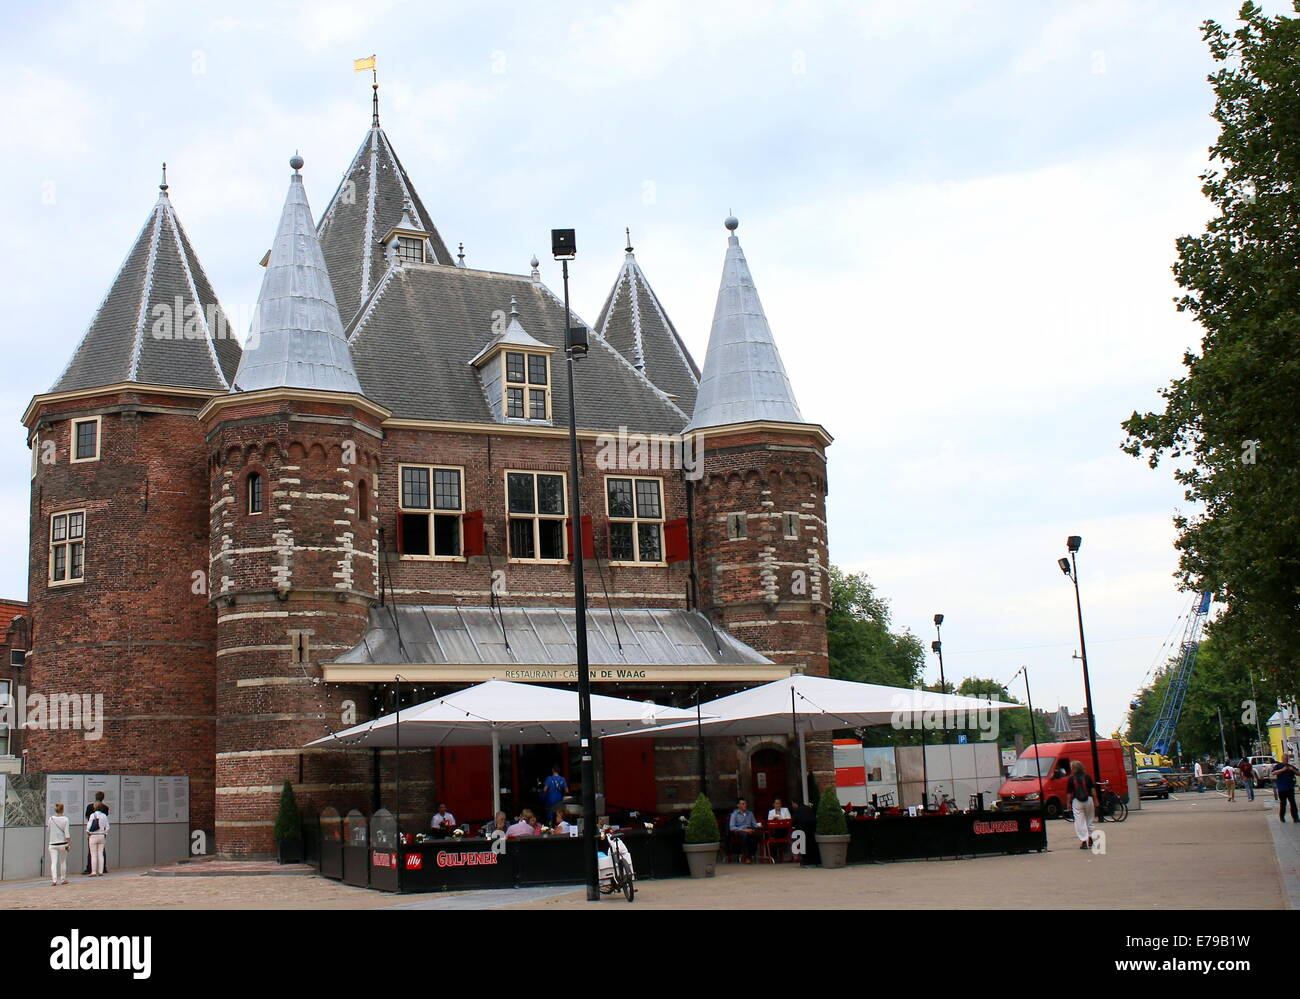 In De Waag, 15th century city gate which is now a restaurant in Nieuwmarkt Square